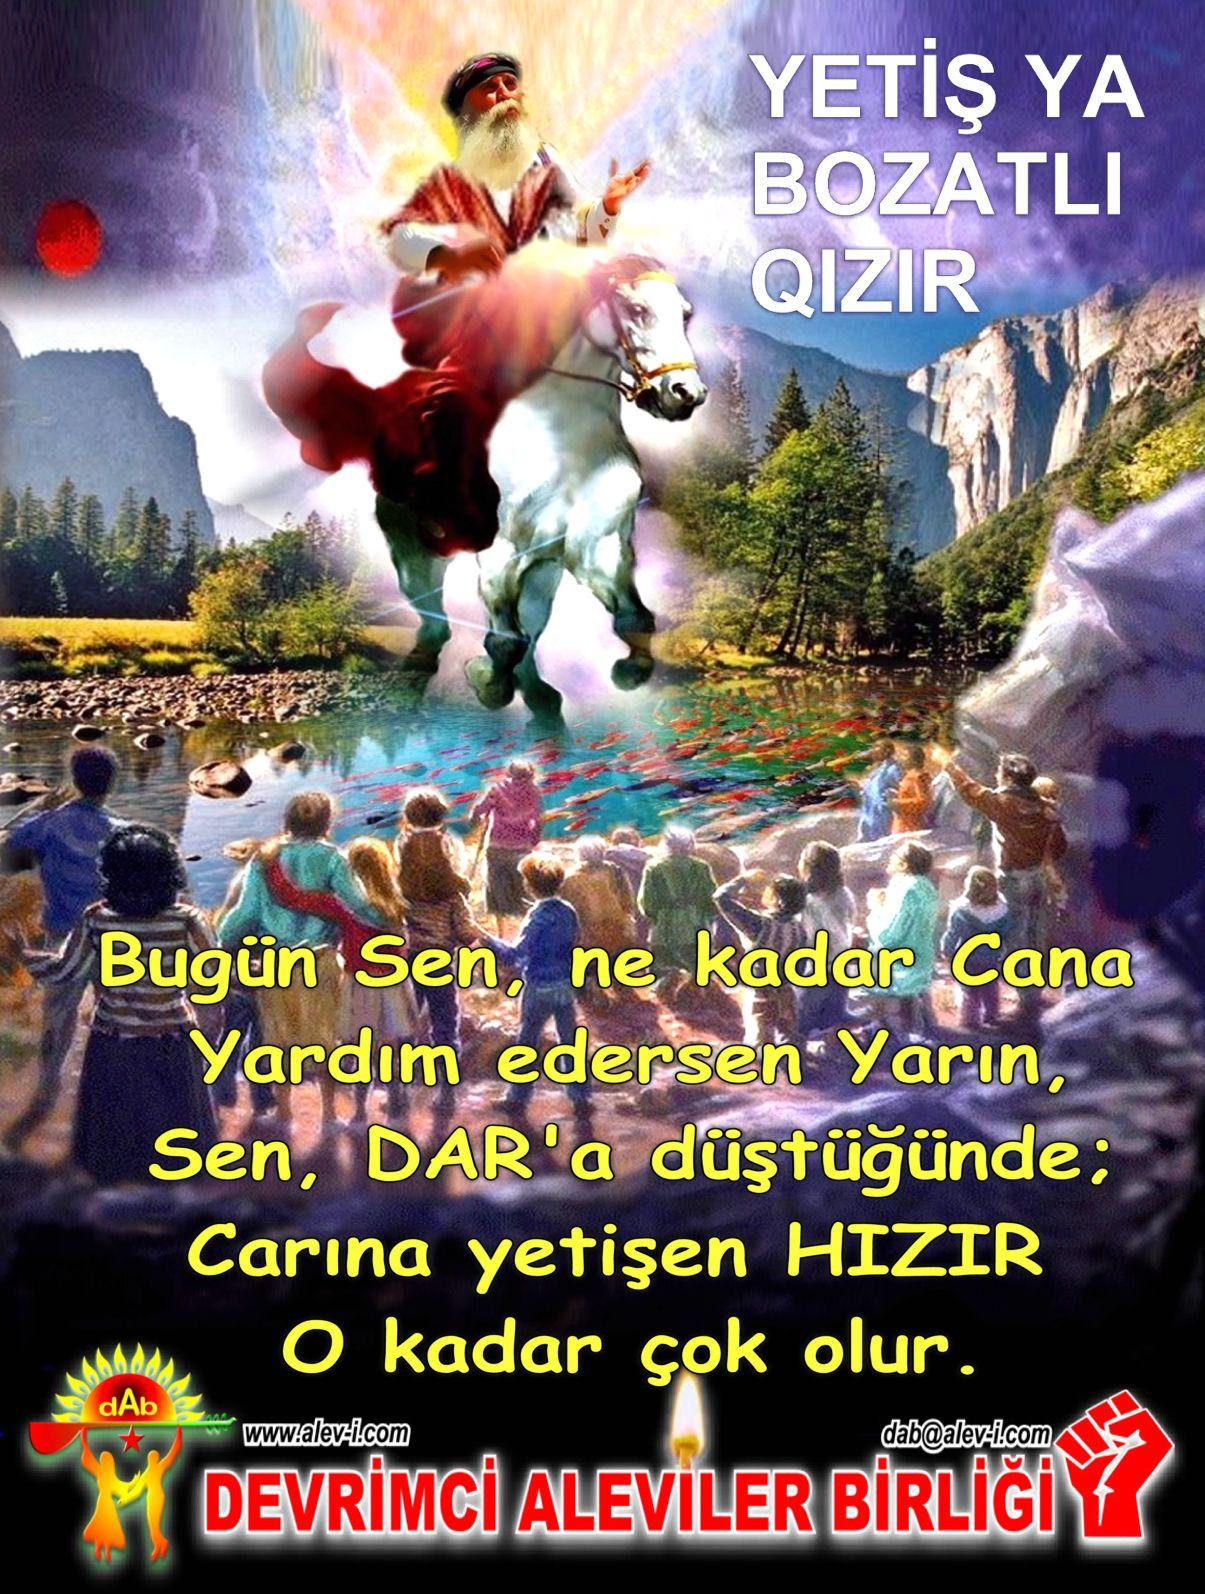 Devrimci Aleviler Birliği DAB Alevi Kızılbaş Bektaşi pir sultan cem hz Ali 12 imam semah Feramuz Şah Acar hizir hazir boz atli hizir DAB